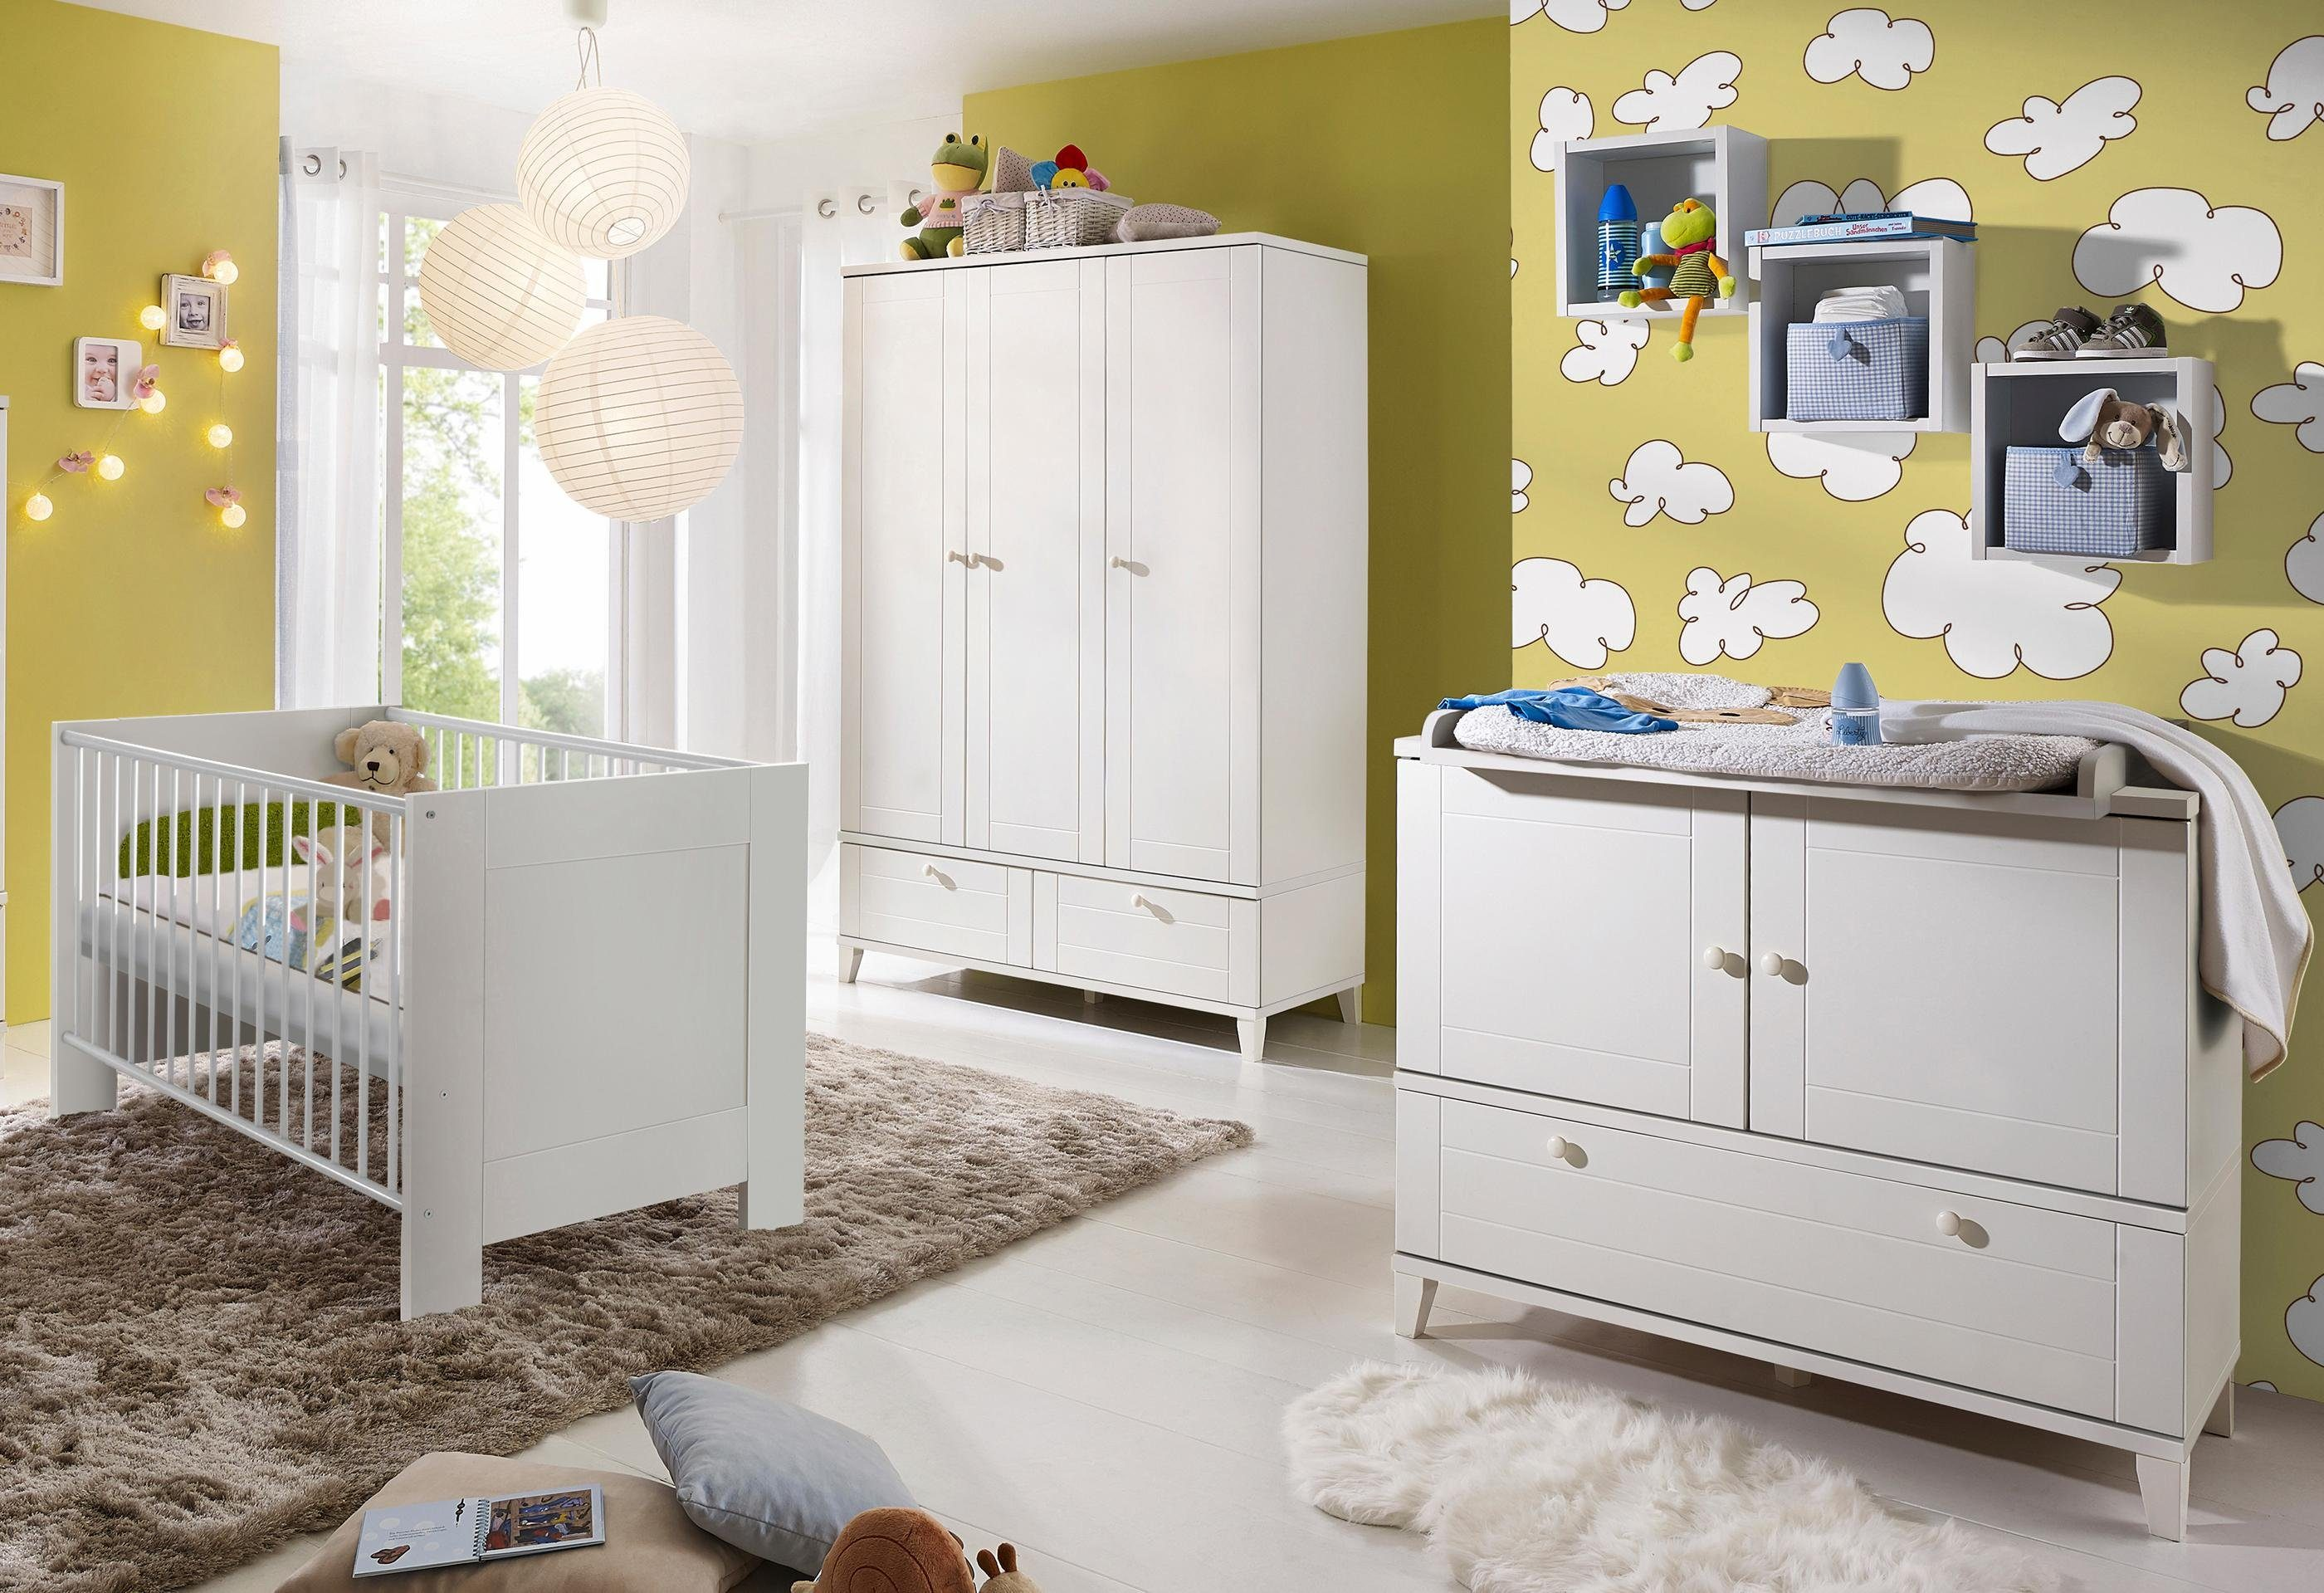 Komplett babyzimmer bella weiß« im landhausstil babybett